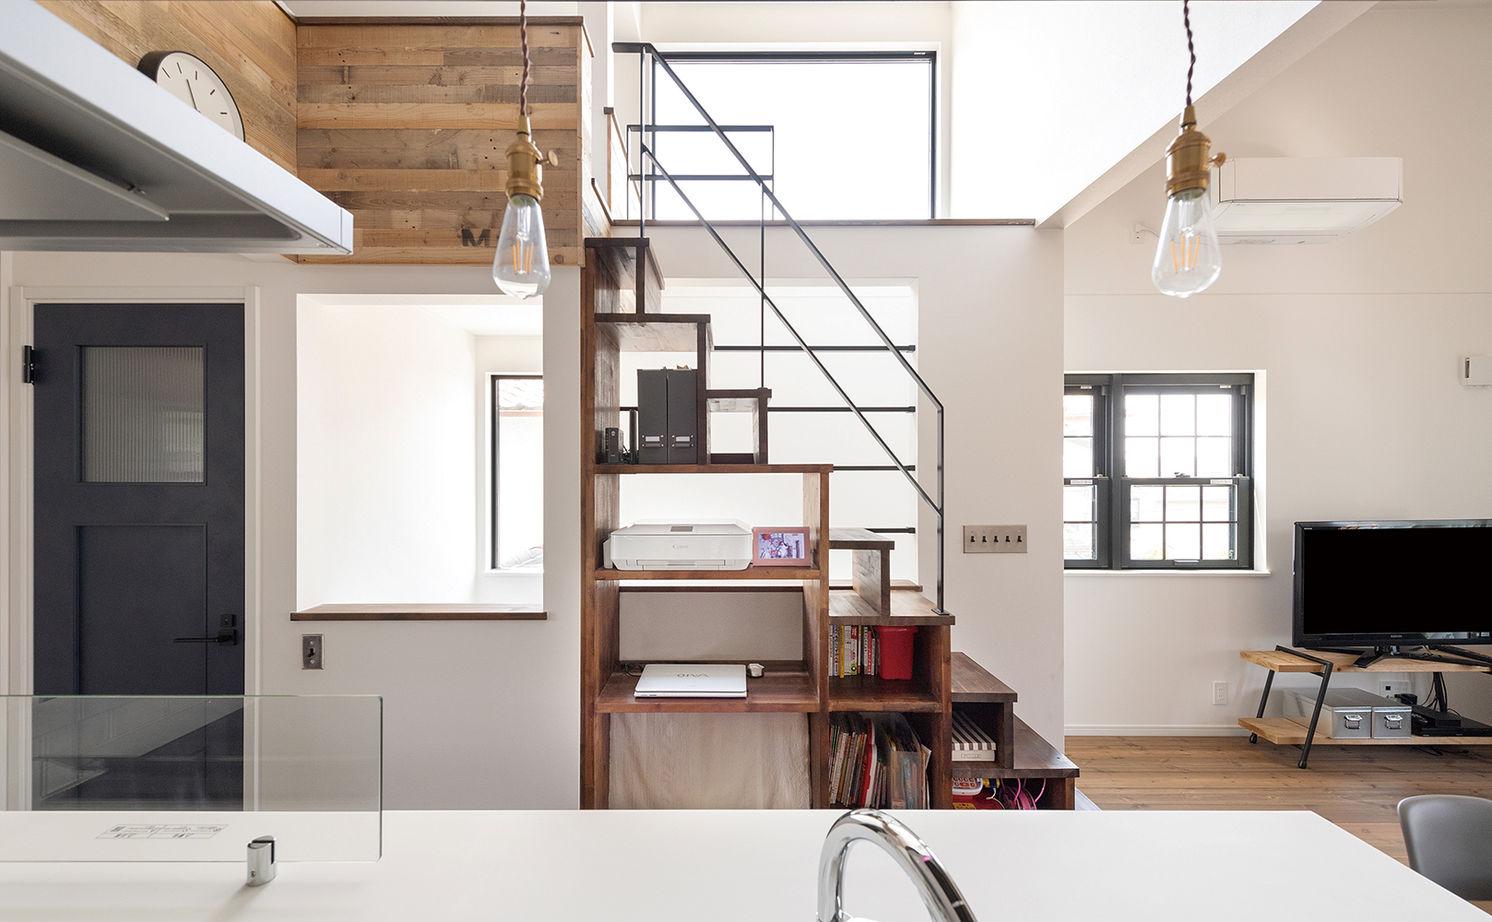 【2000~2500万円】古材や無垢材でアンティークな階段調の棚も造作。カフェみたいなリビングで暮らす家画像3